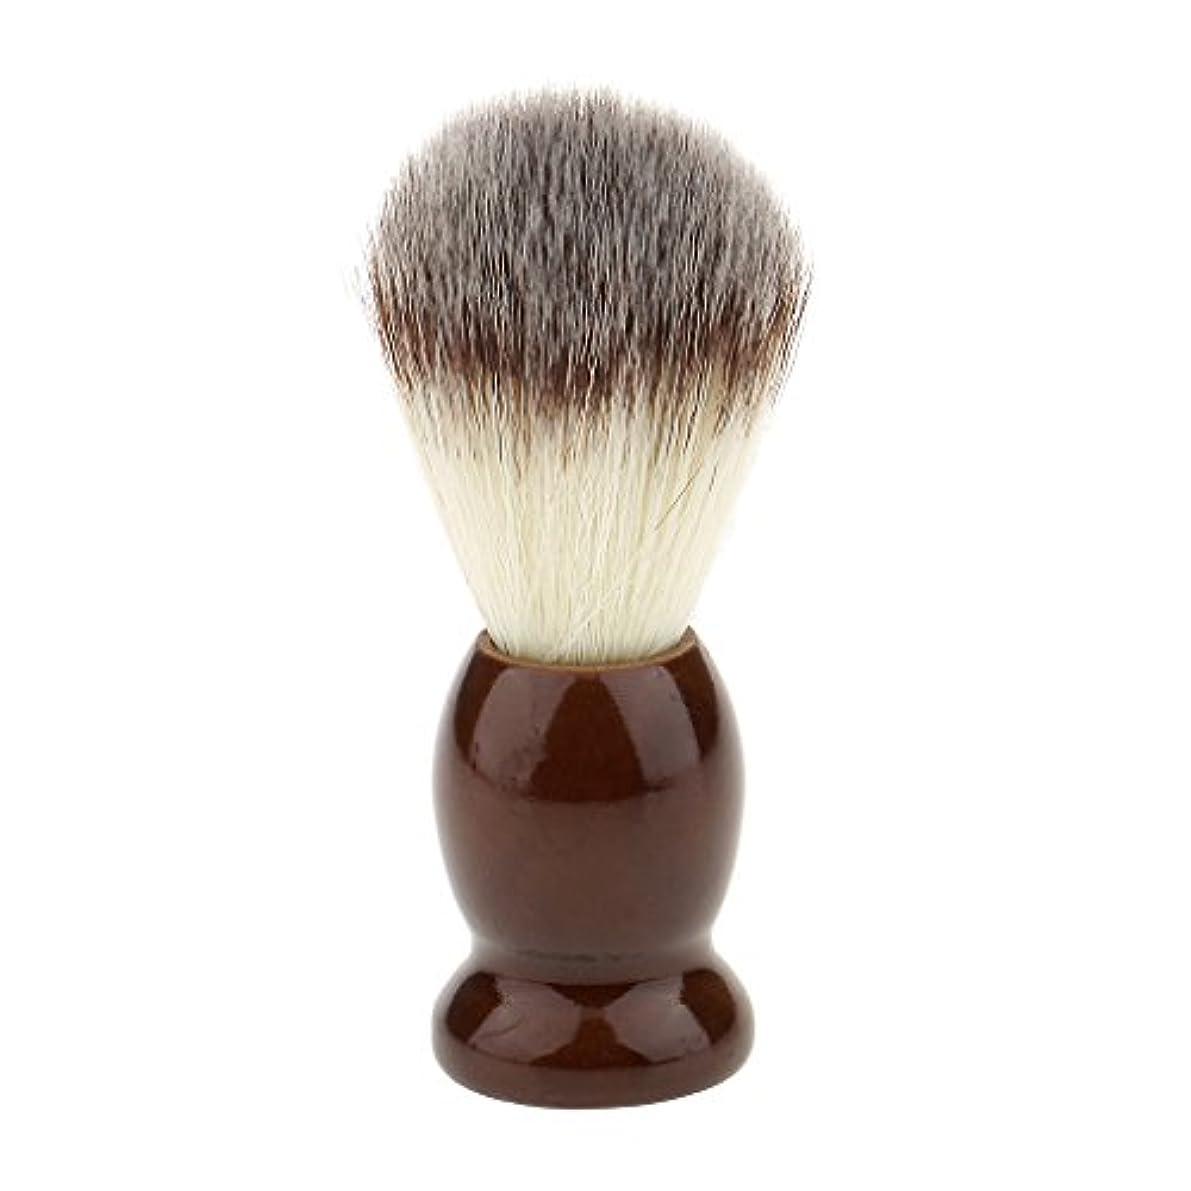 Kesoto ナイロン製 シェービングブラシ 柔らかい 理容  洗顔  髭剃り 便携 10.5cm  ブラウン